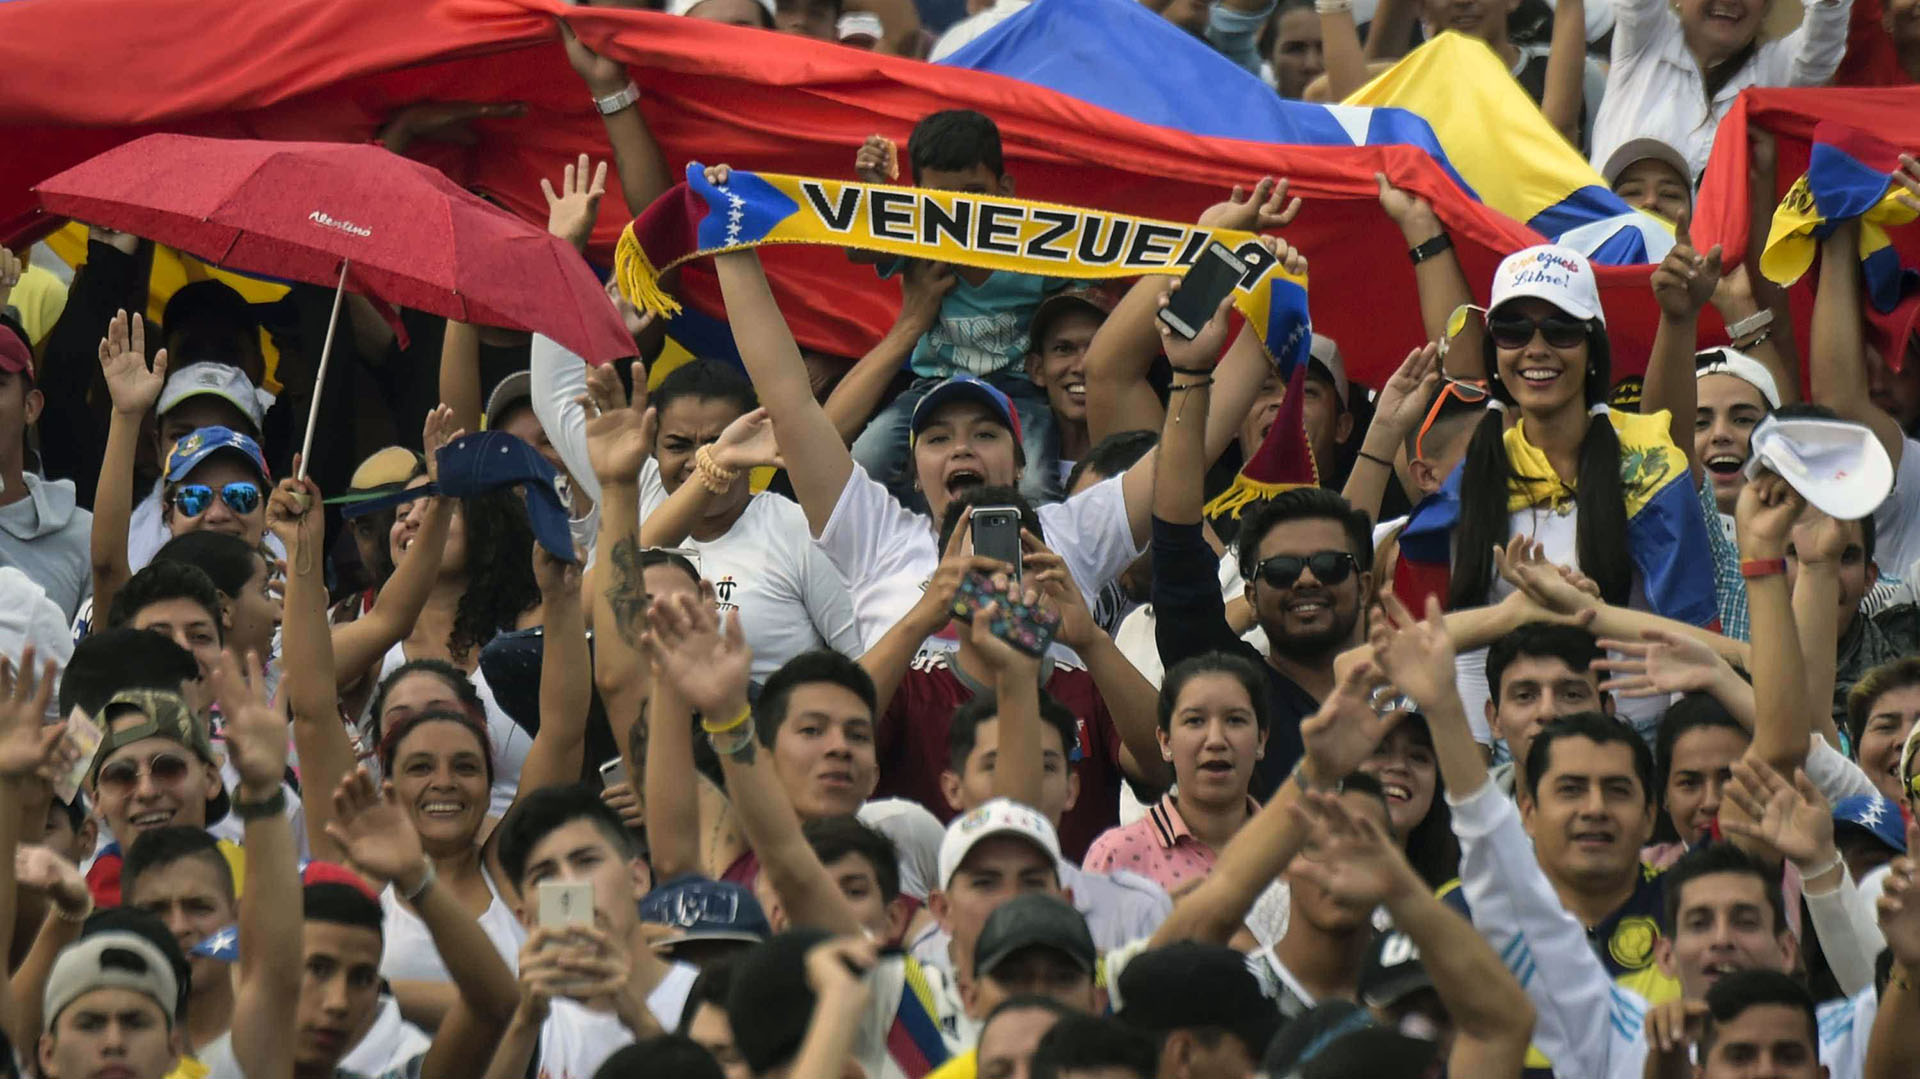 La multitud espera el comienzo del concierto.(AFP)